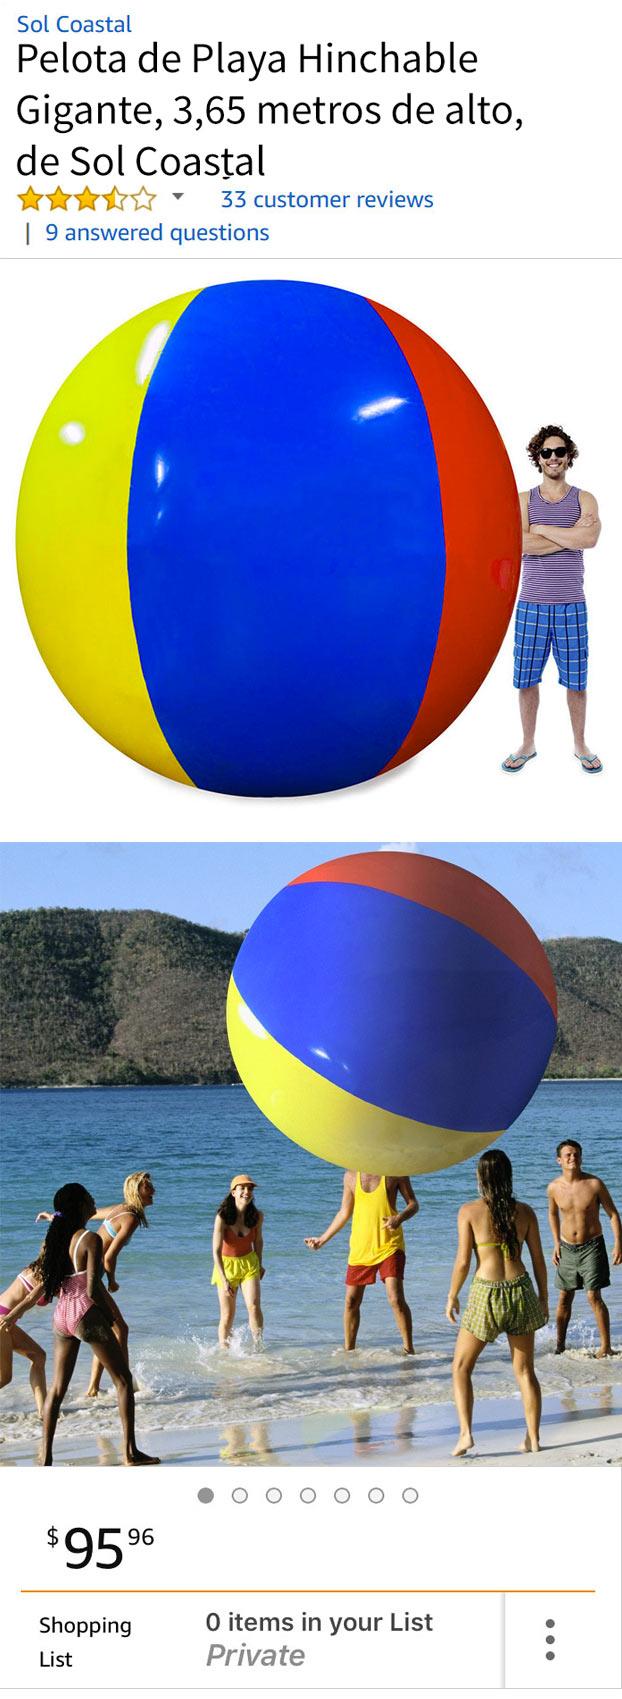 Cachondeo por la reseña de una pelota hinchable gigante que ha dejado en Amazon un cliente descontento